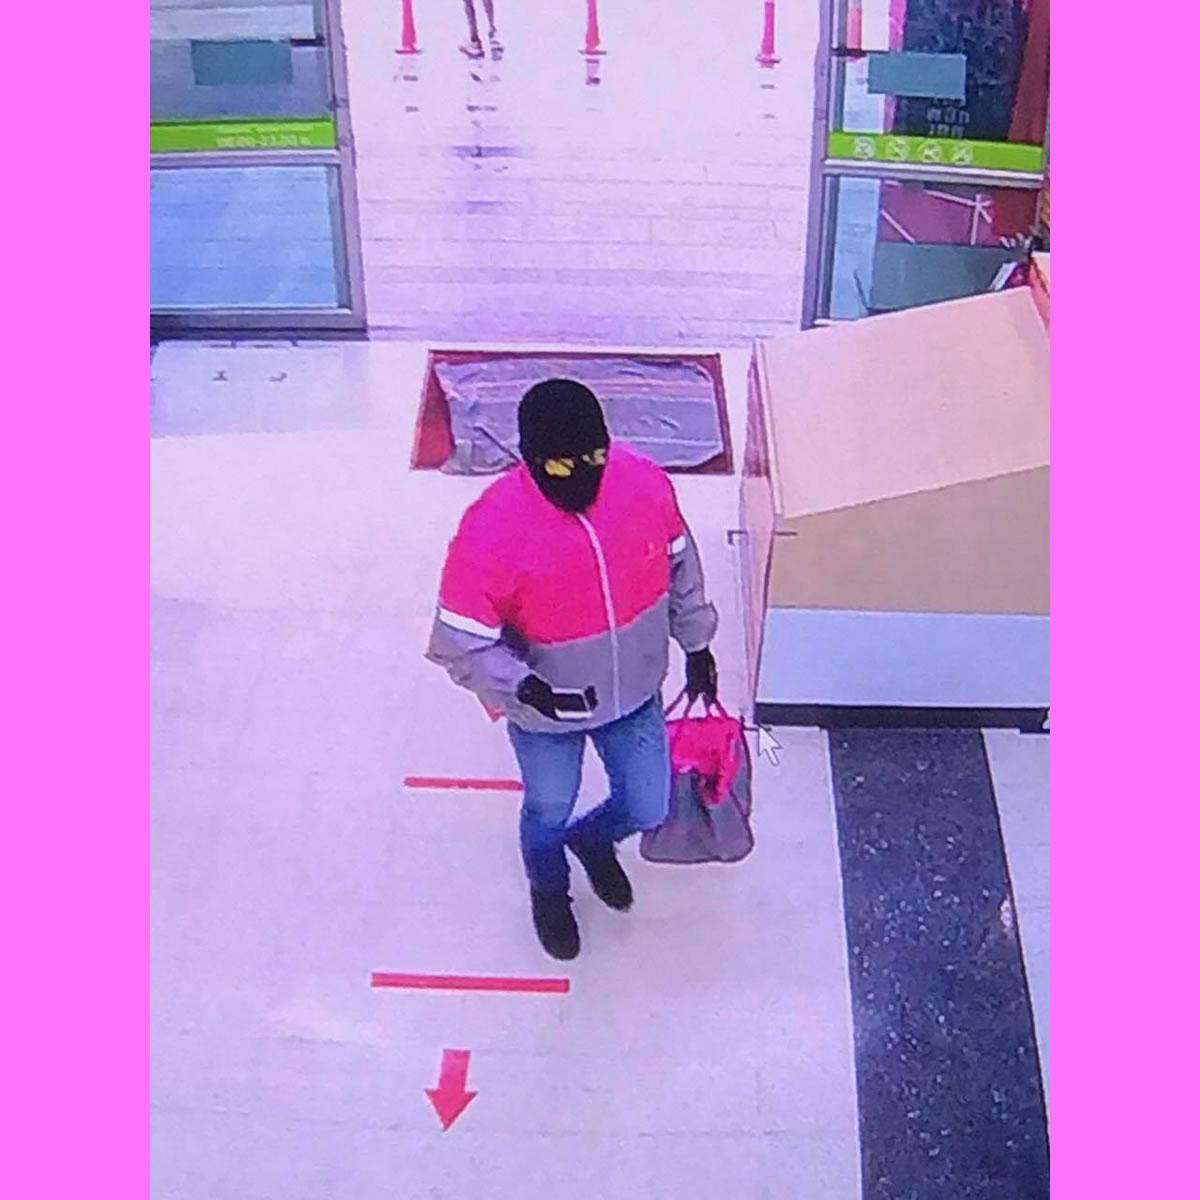 ゴールド強盗は現職警察官、パンダのジャケットはカモフラージュ